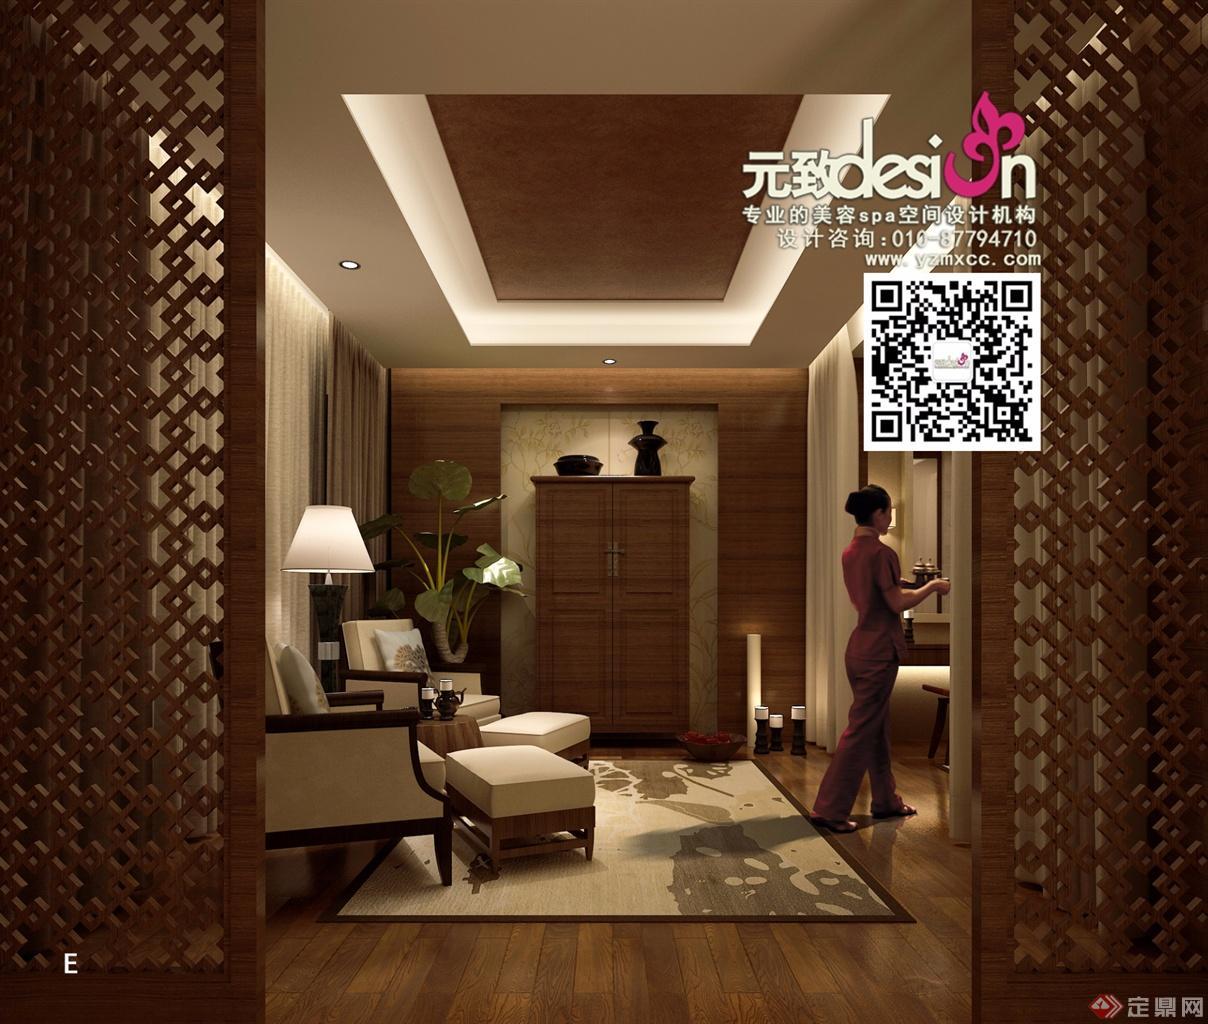 项目名称:贝黎诗美容SPA会所设计 设计单位:北京元致美秀环境艺术设计有限公司 主创设计:赵志伟 设 计 师:徐秀秀,管玉通 项目面积: 1600平方米 主要材料: 石材、实木、质感涂料、乳胶漆、硬包等 美容店如今是以五星级会馆的标准作为发展趋势的,从特色、服务、功效和销售四个方面来作为突破点。